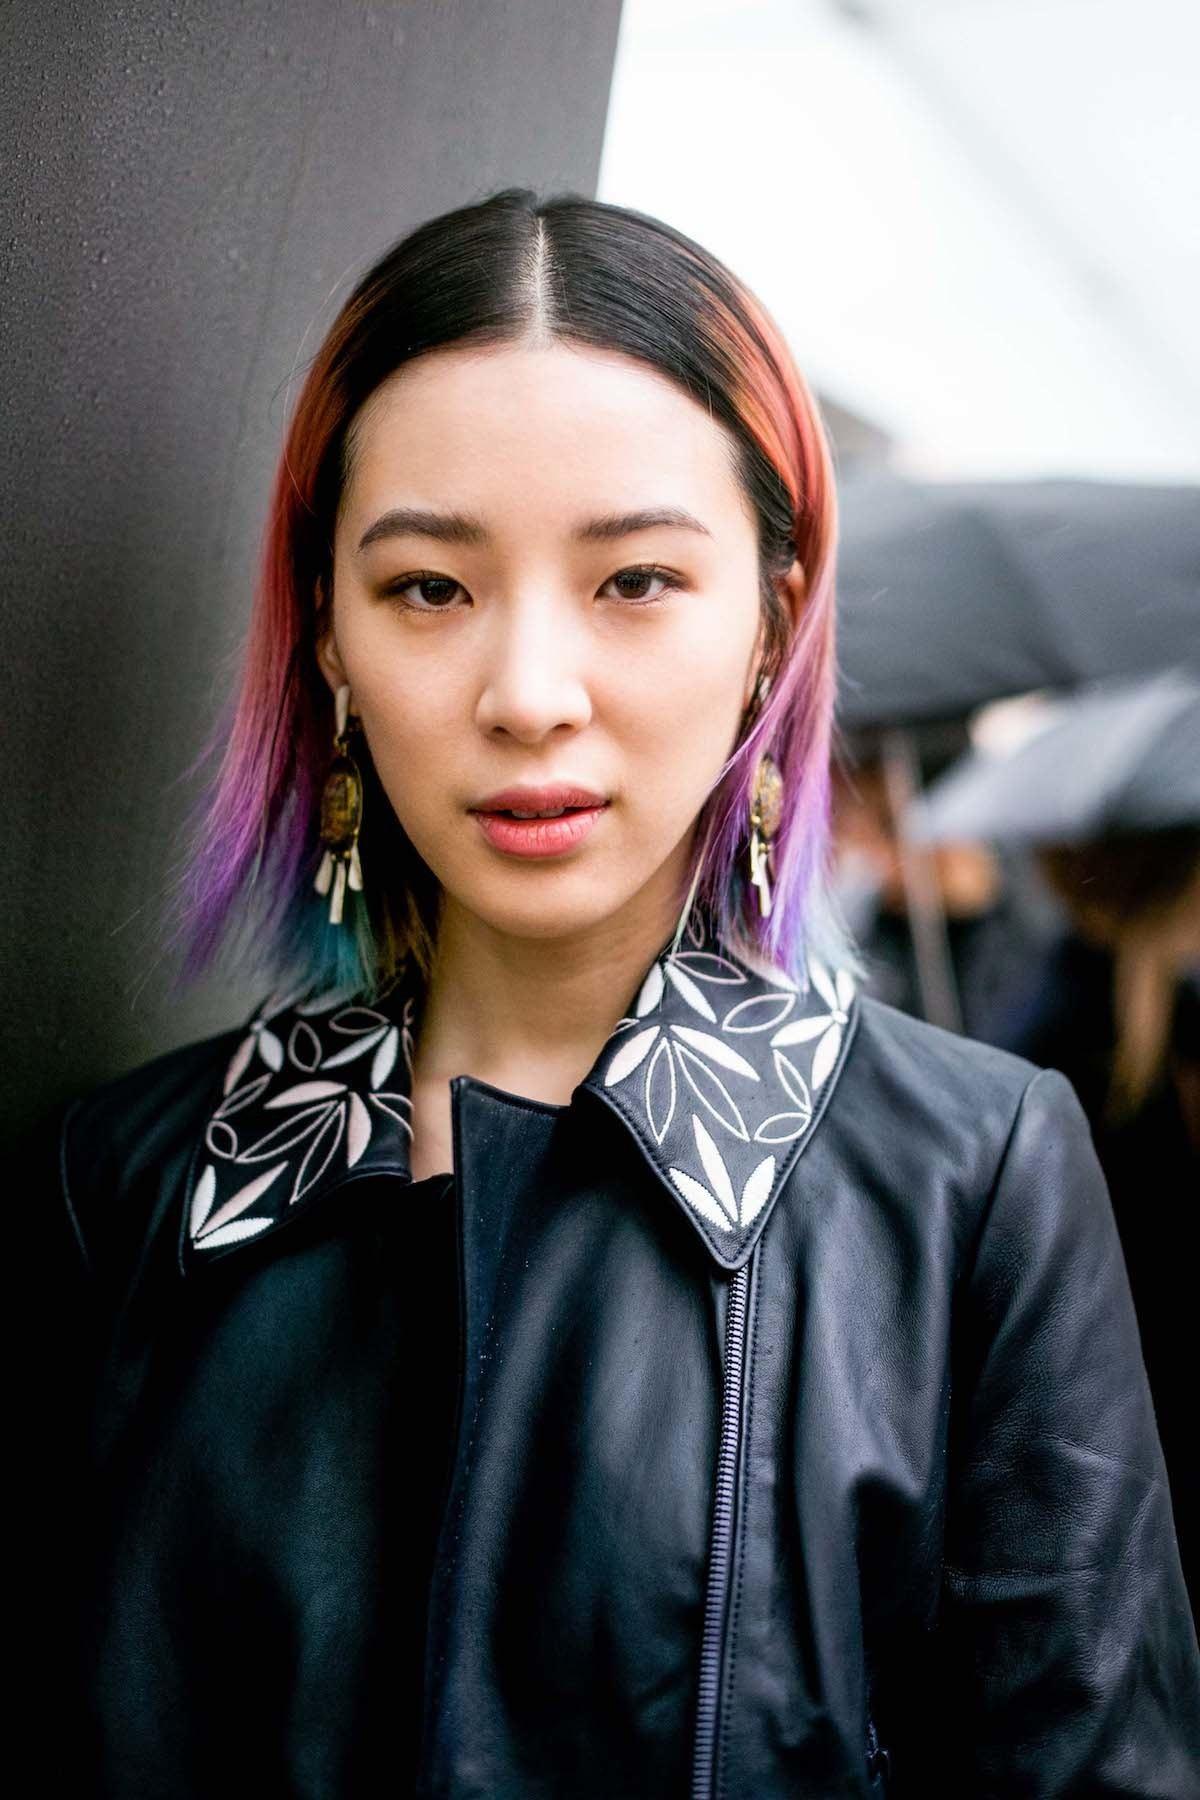 Wanita asia dengan ombre pelangi